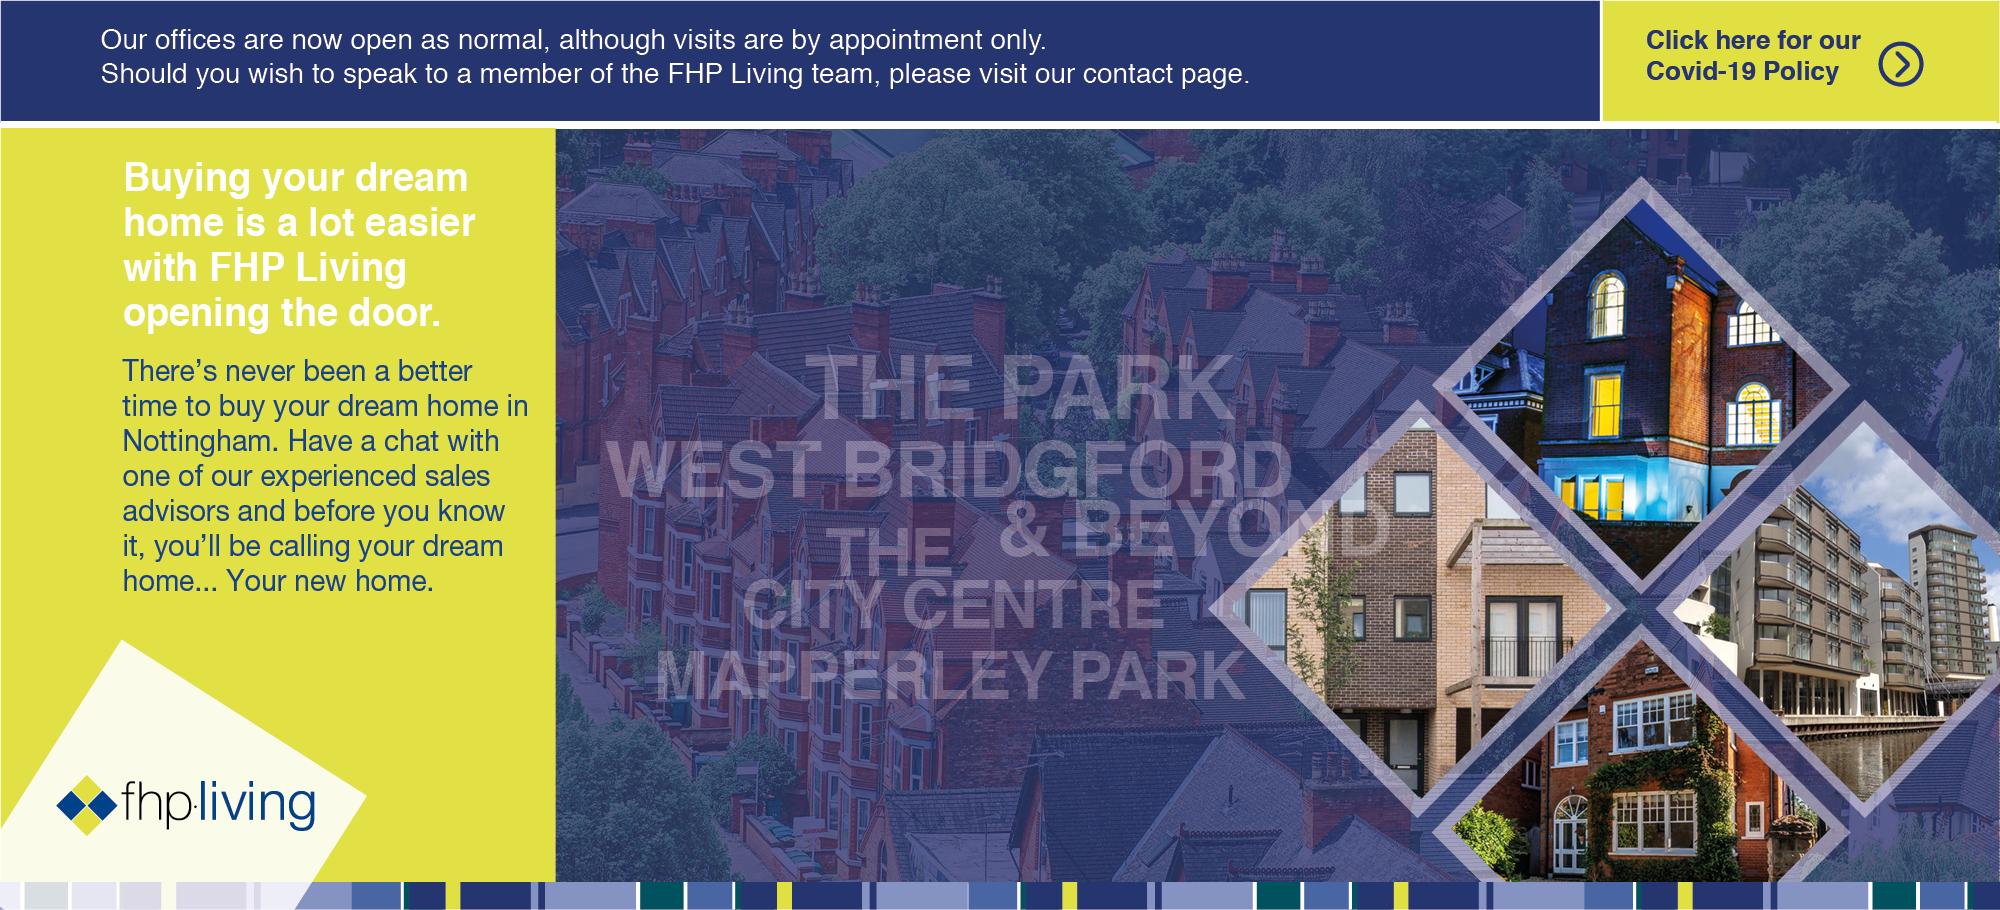 estate agent west bridgford